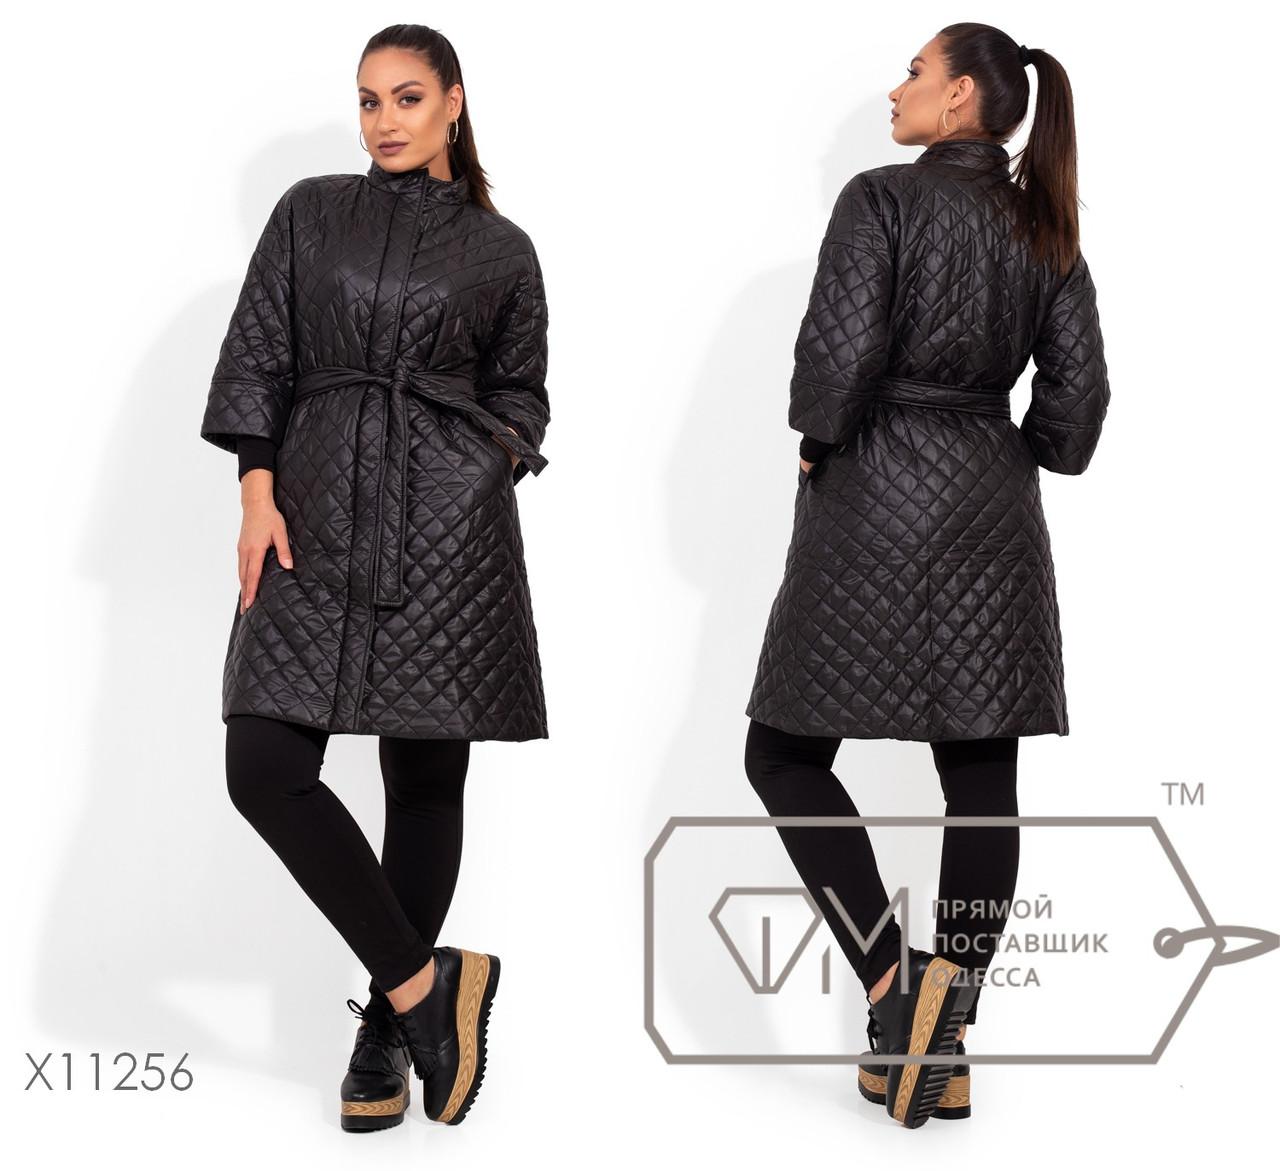 Длинное пальто-стежка с потайной молнией, низко втачными рукавами 3/4, съемным поясом по талии и прорезными карманами X11256